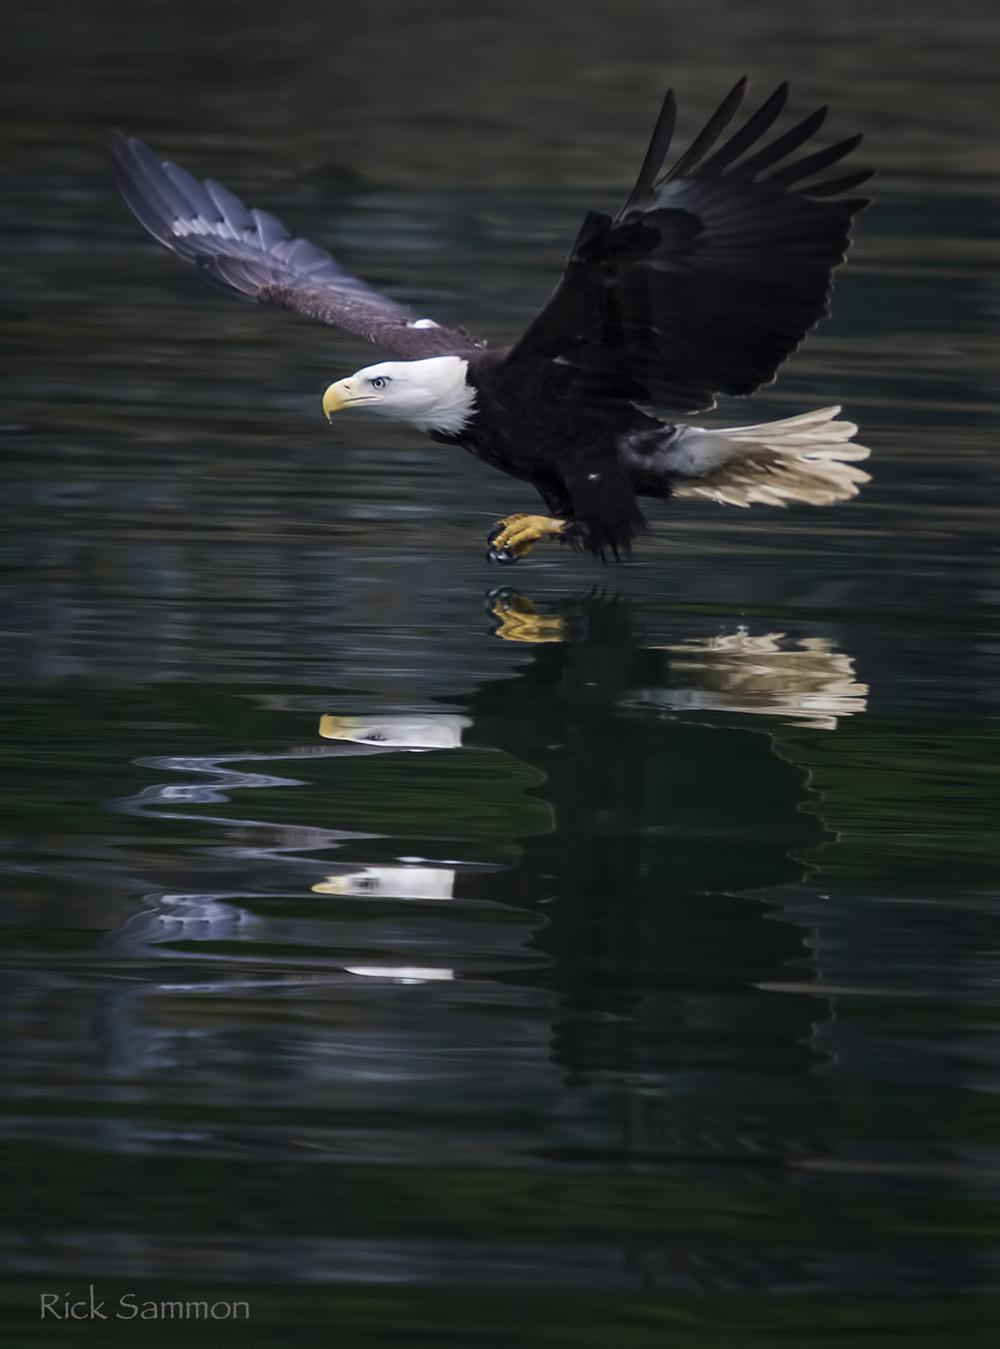 rick sammon bald eagle.jpg